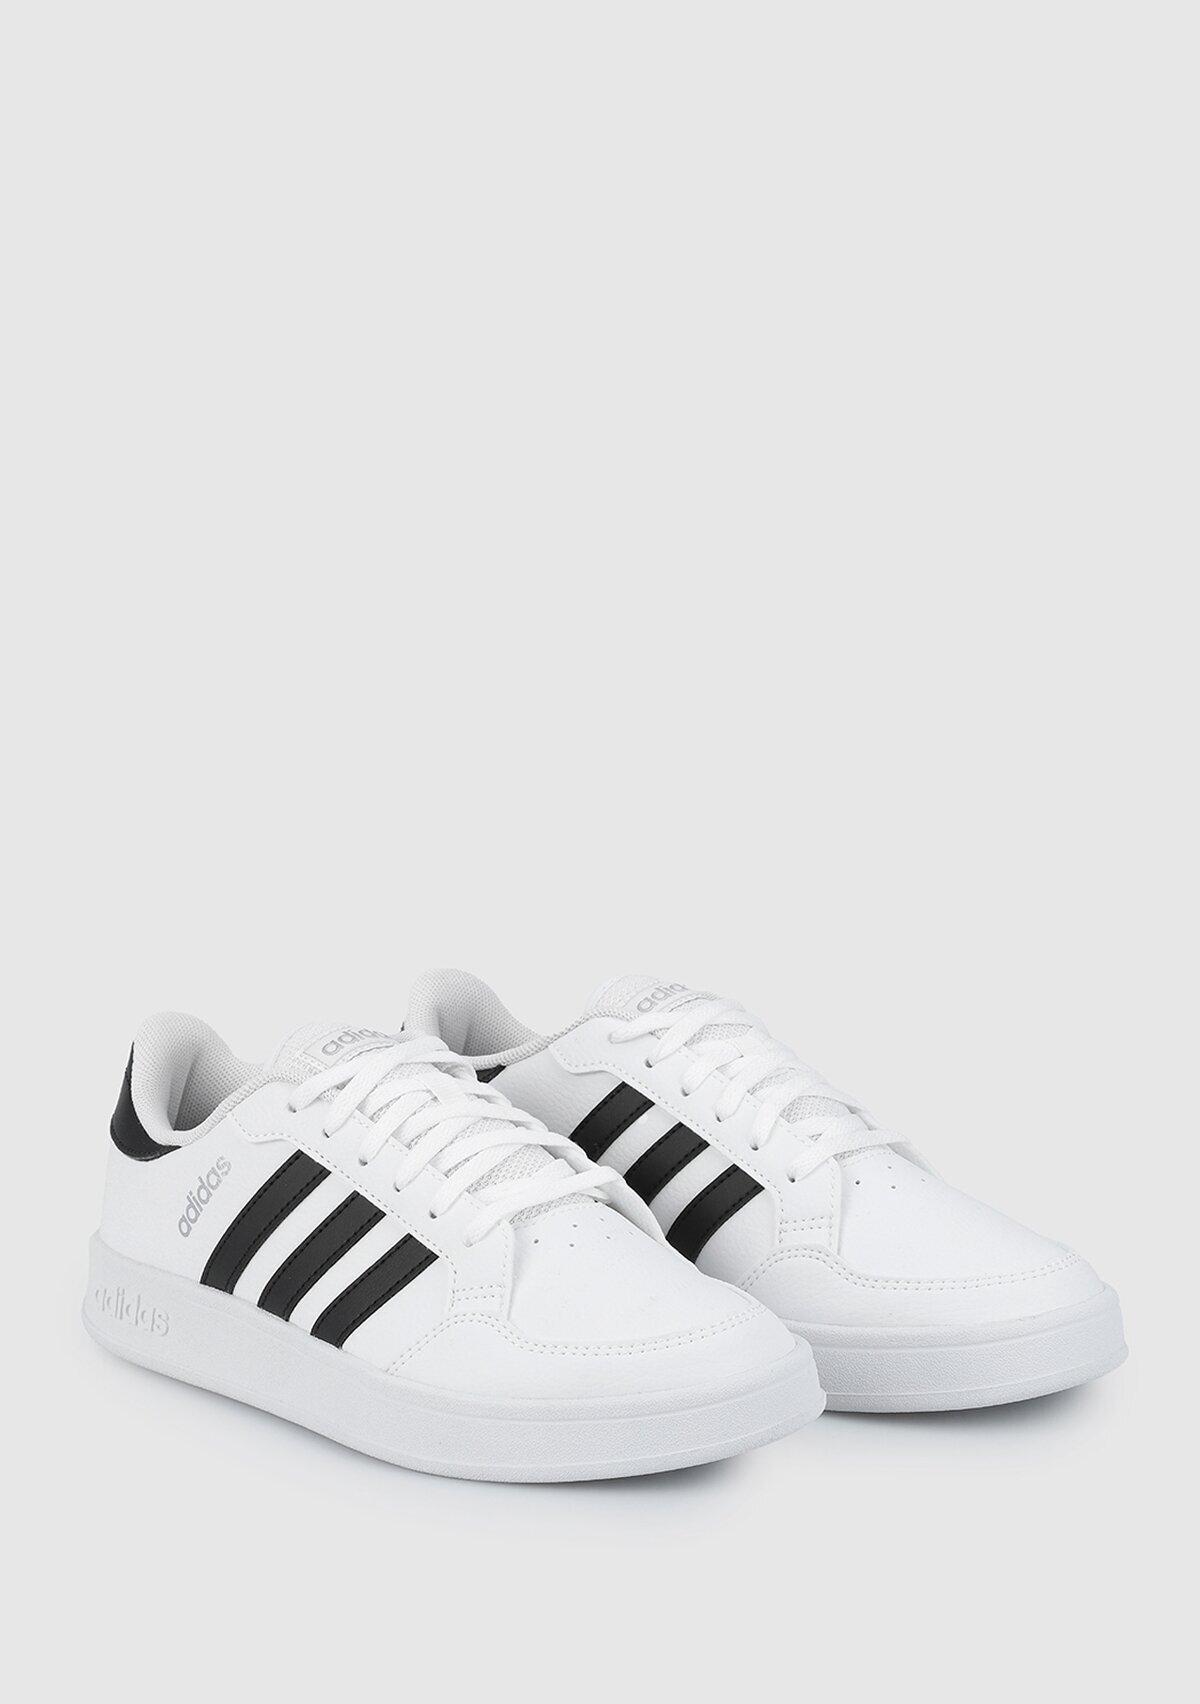 resm Breaknet Beyaz Kadın Tenis Ayakkabısı FX8724